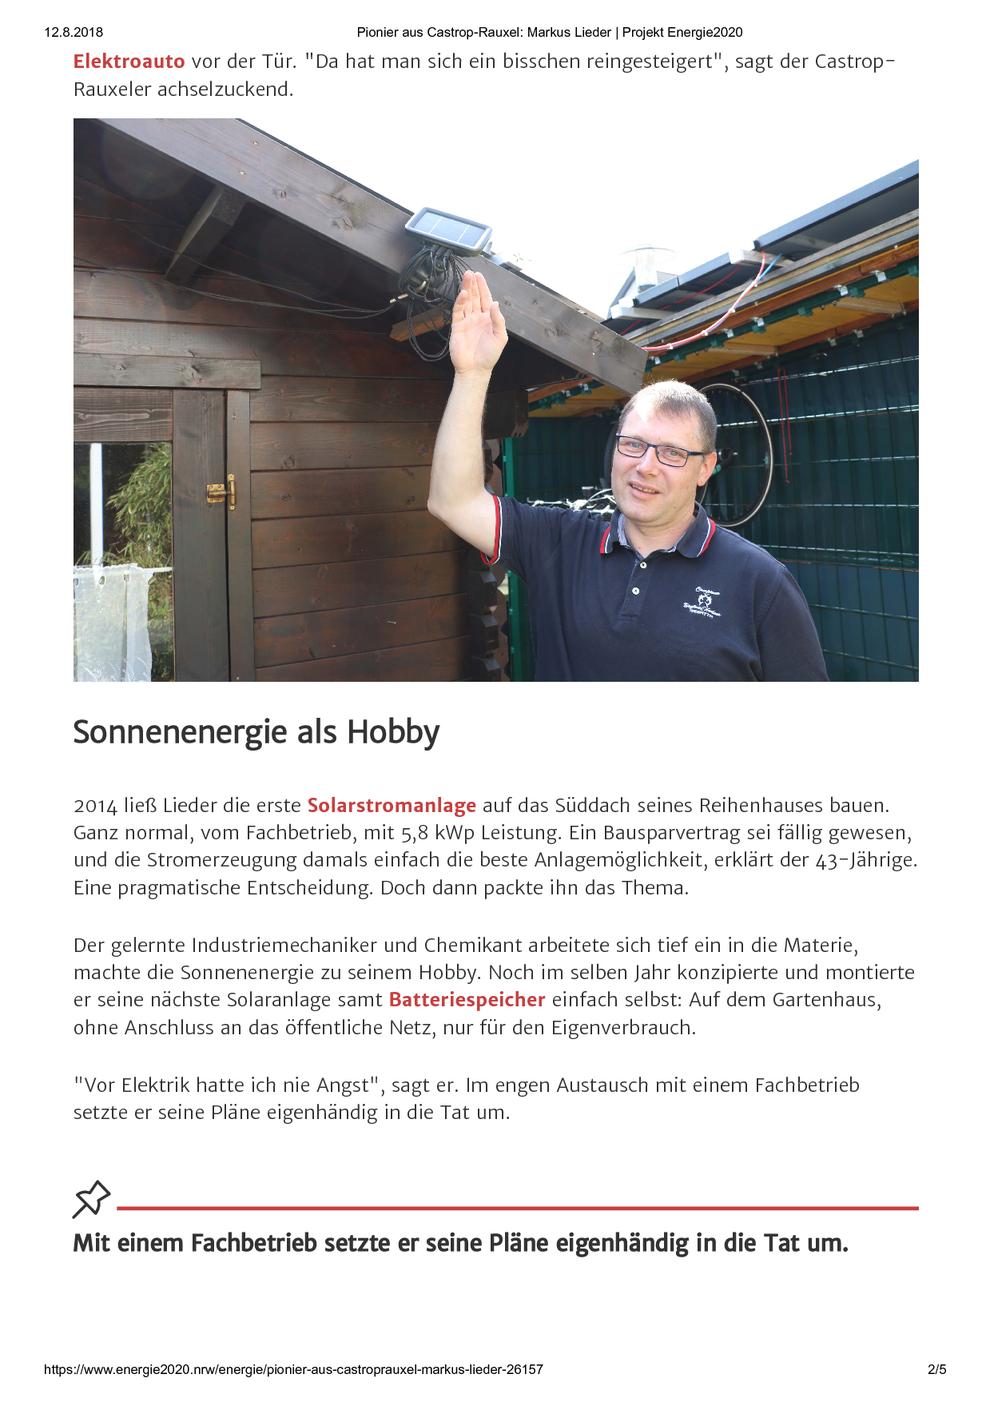 Verbraucherzentrale Nordrhein-Westfalen am 12.08.2018 Pionier aus Castrop-Rauxel: Markus Lieder / Projekt Energie2020, Seite 2/5